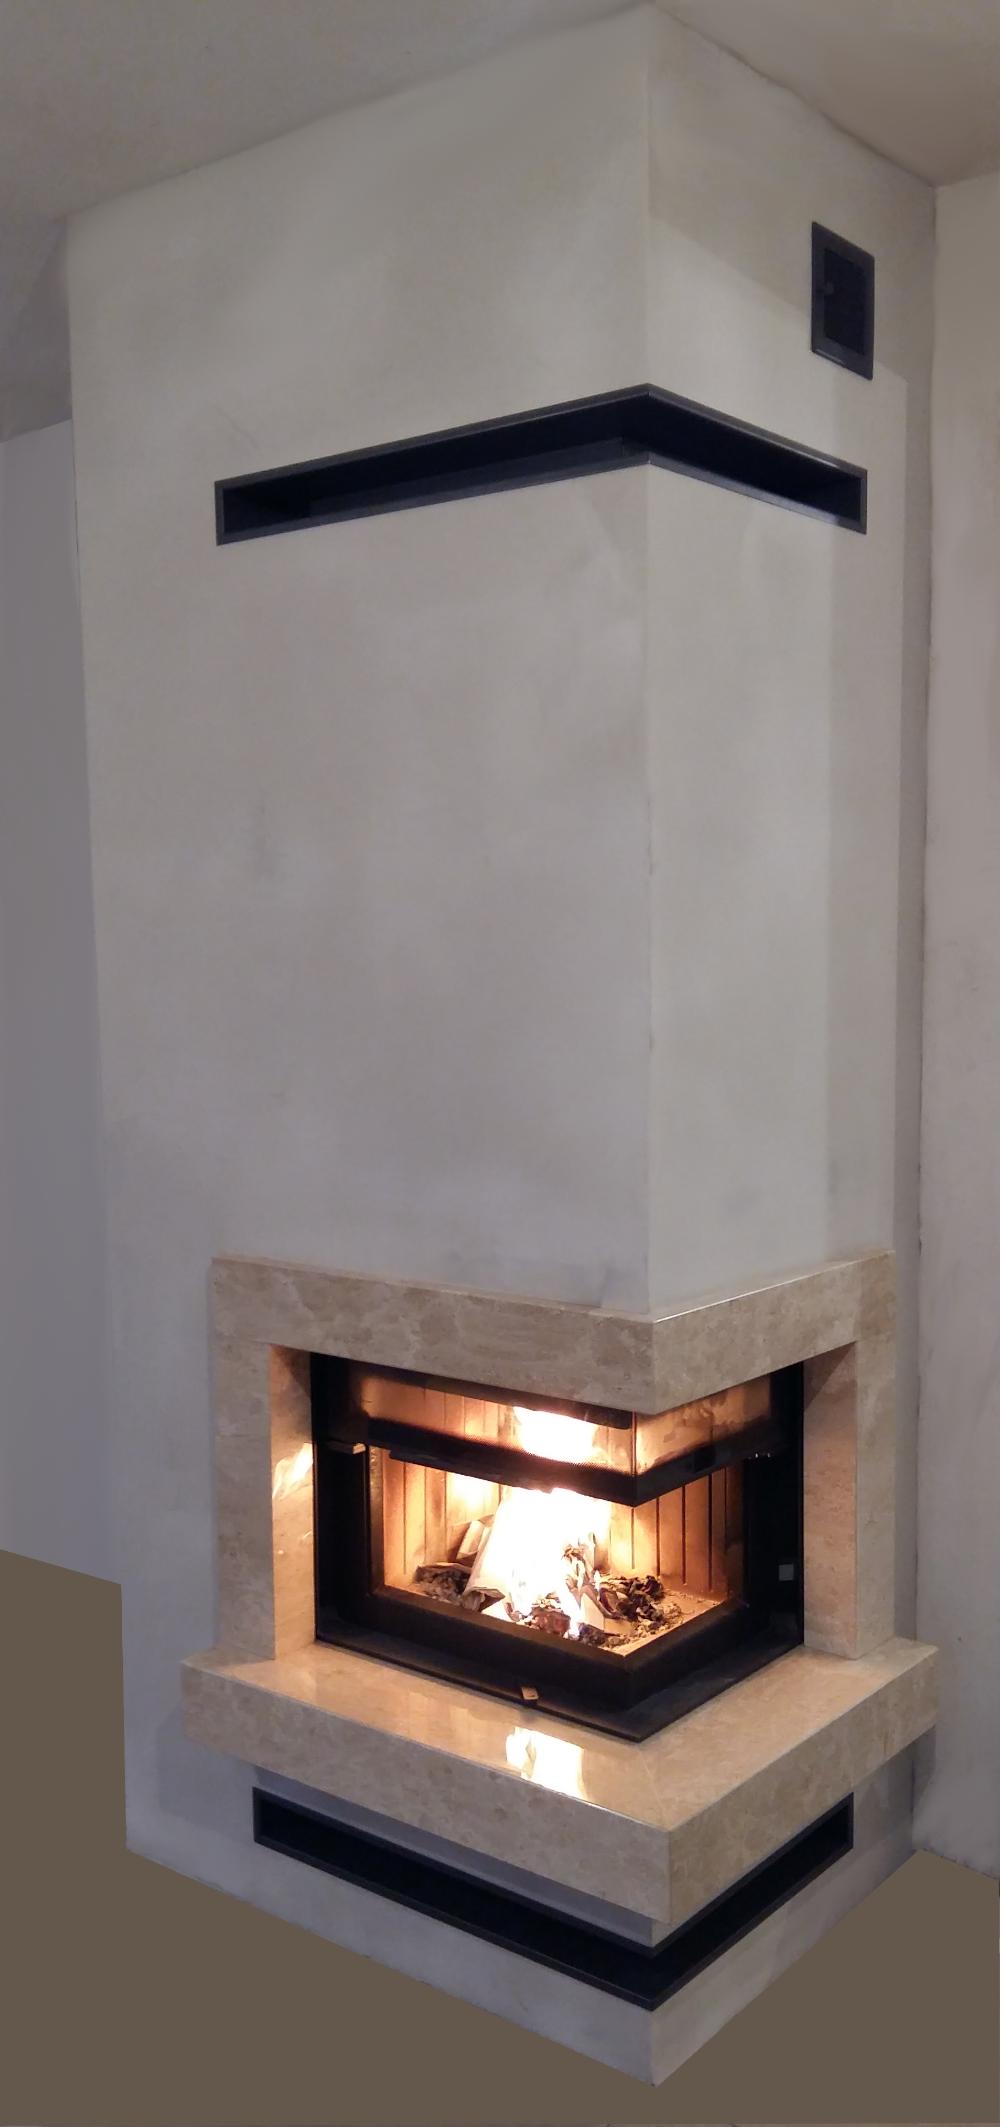 Galeria Kominki Obudowy Kominkow I Wklady Kominkowe Sochaczew Majorek Sochaczew Home Decor Fireplace Home